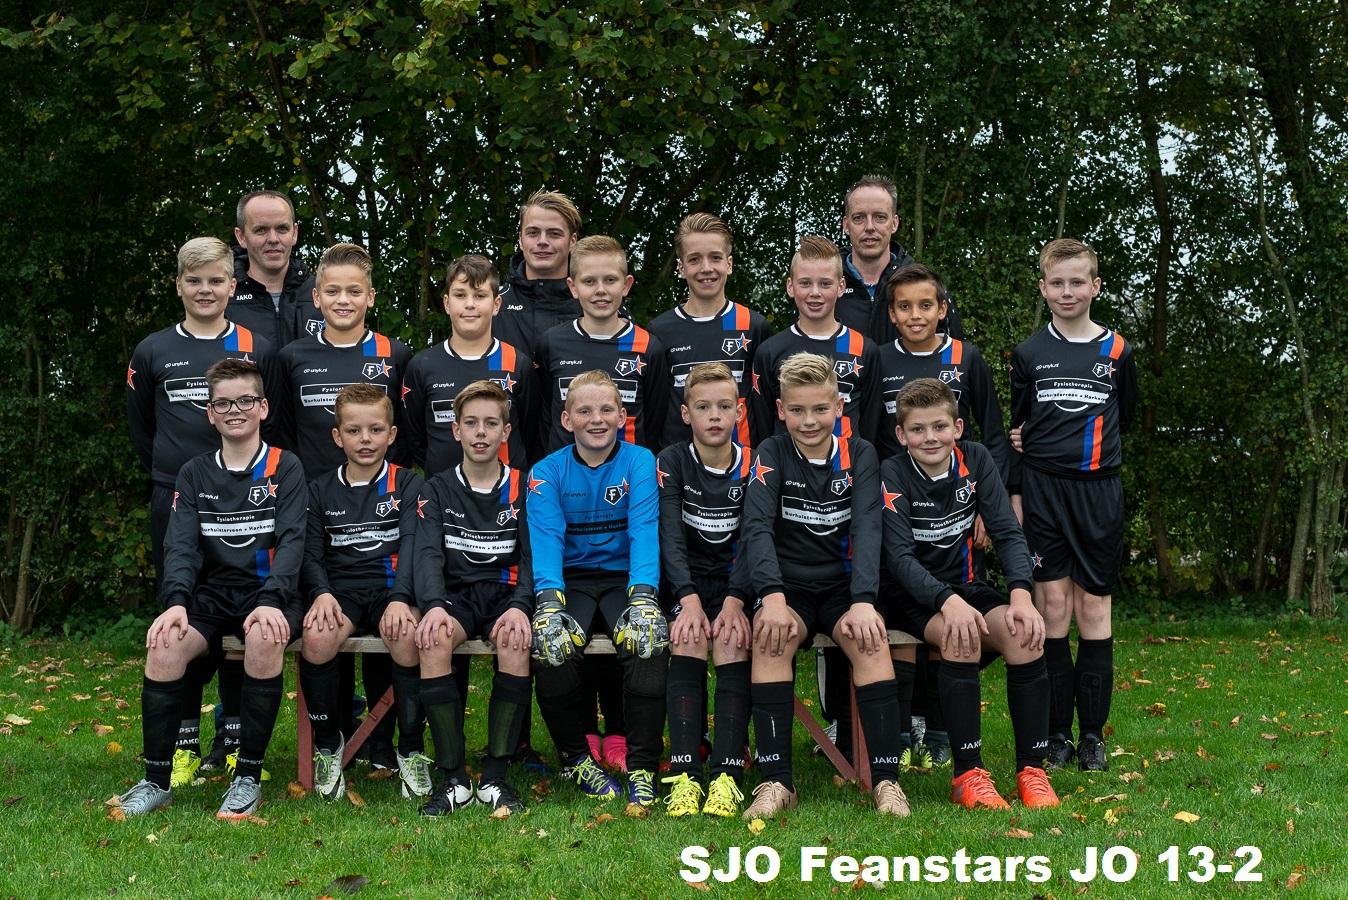 SJO Feanstars JO 13-2